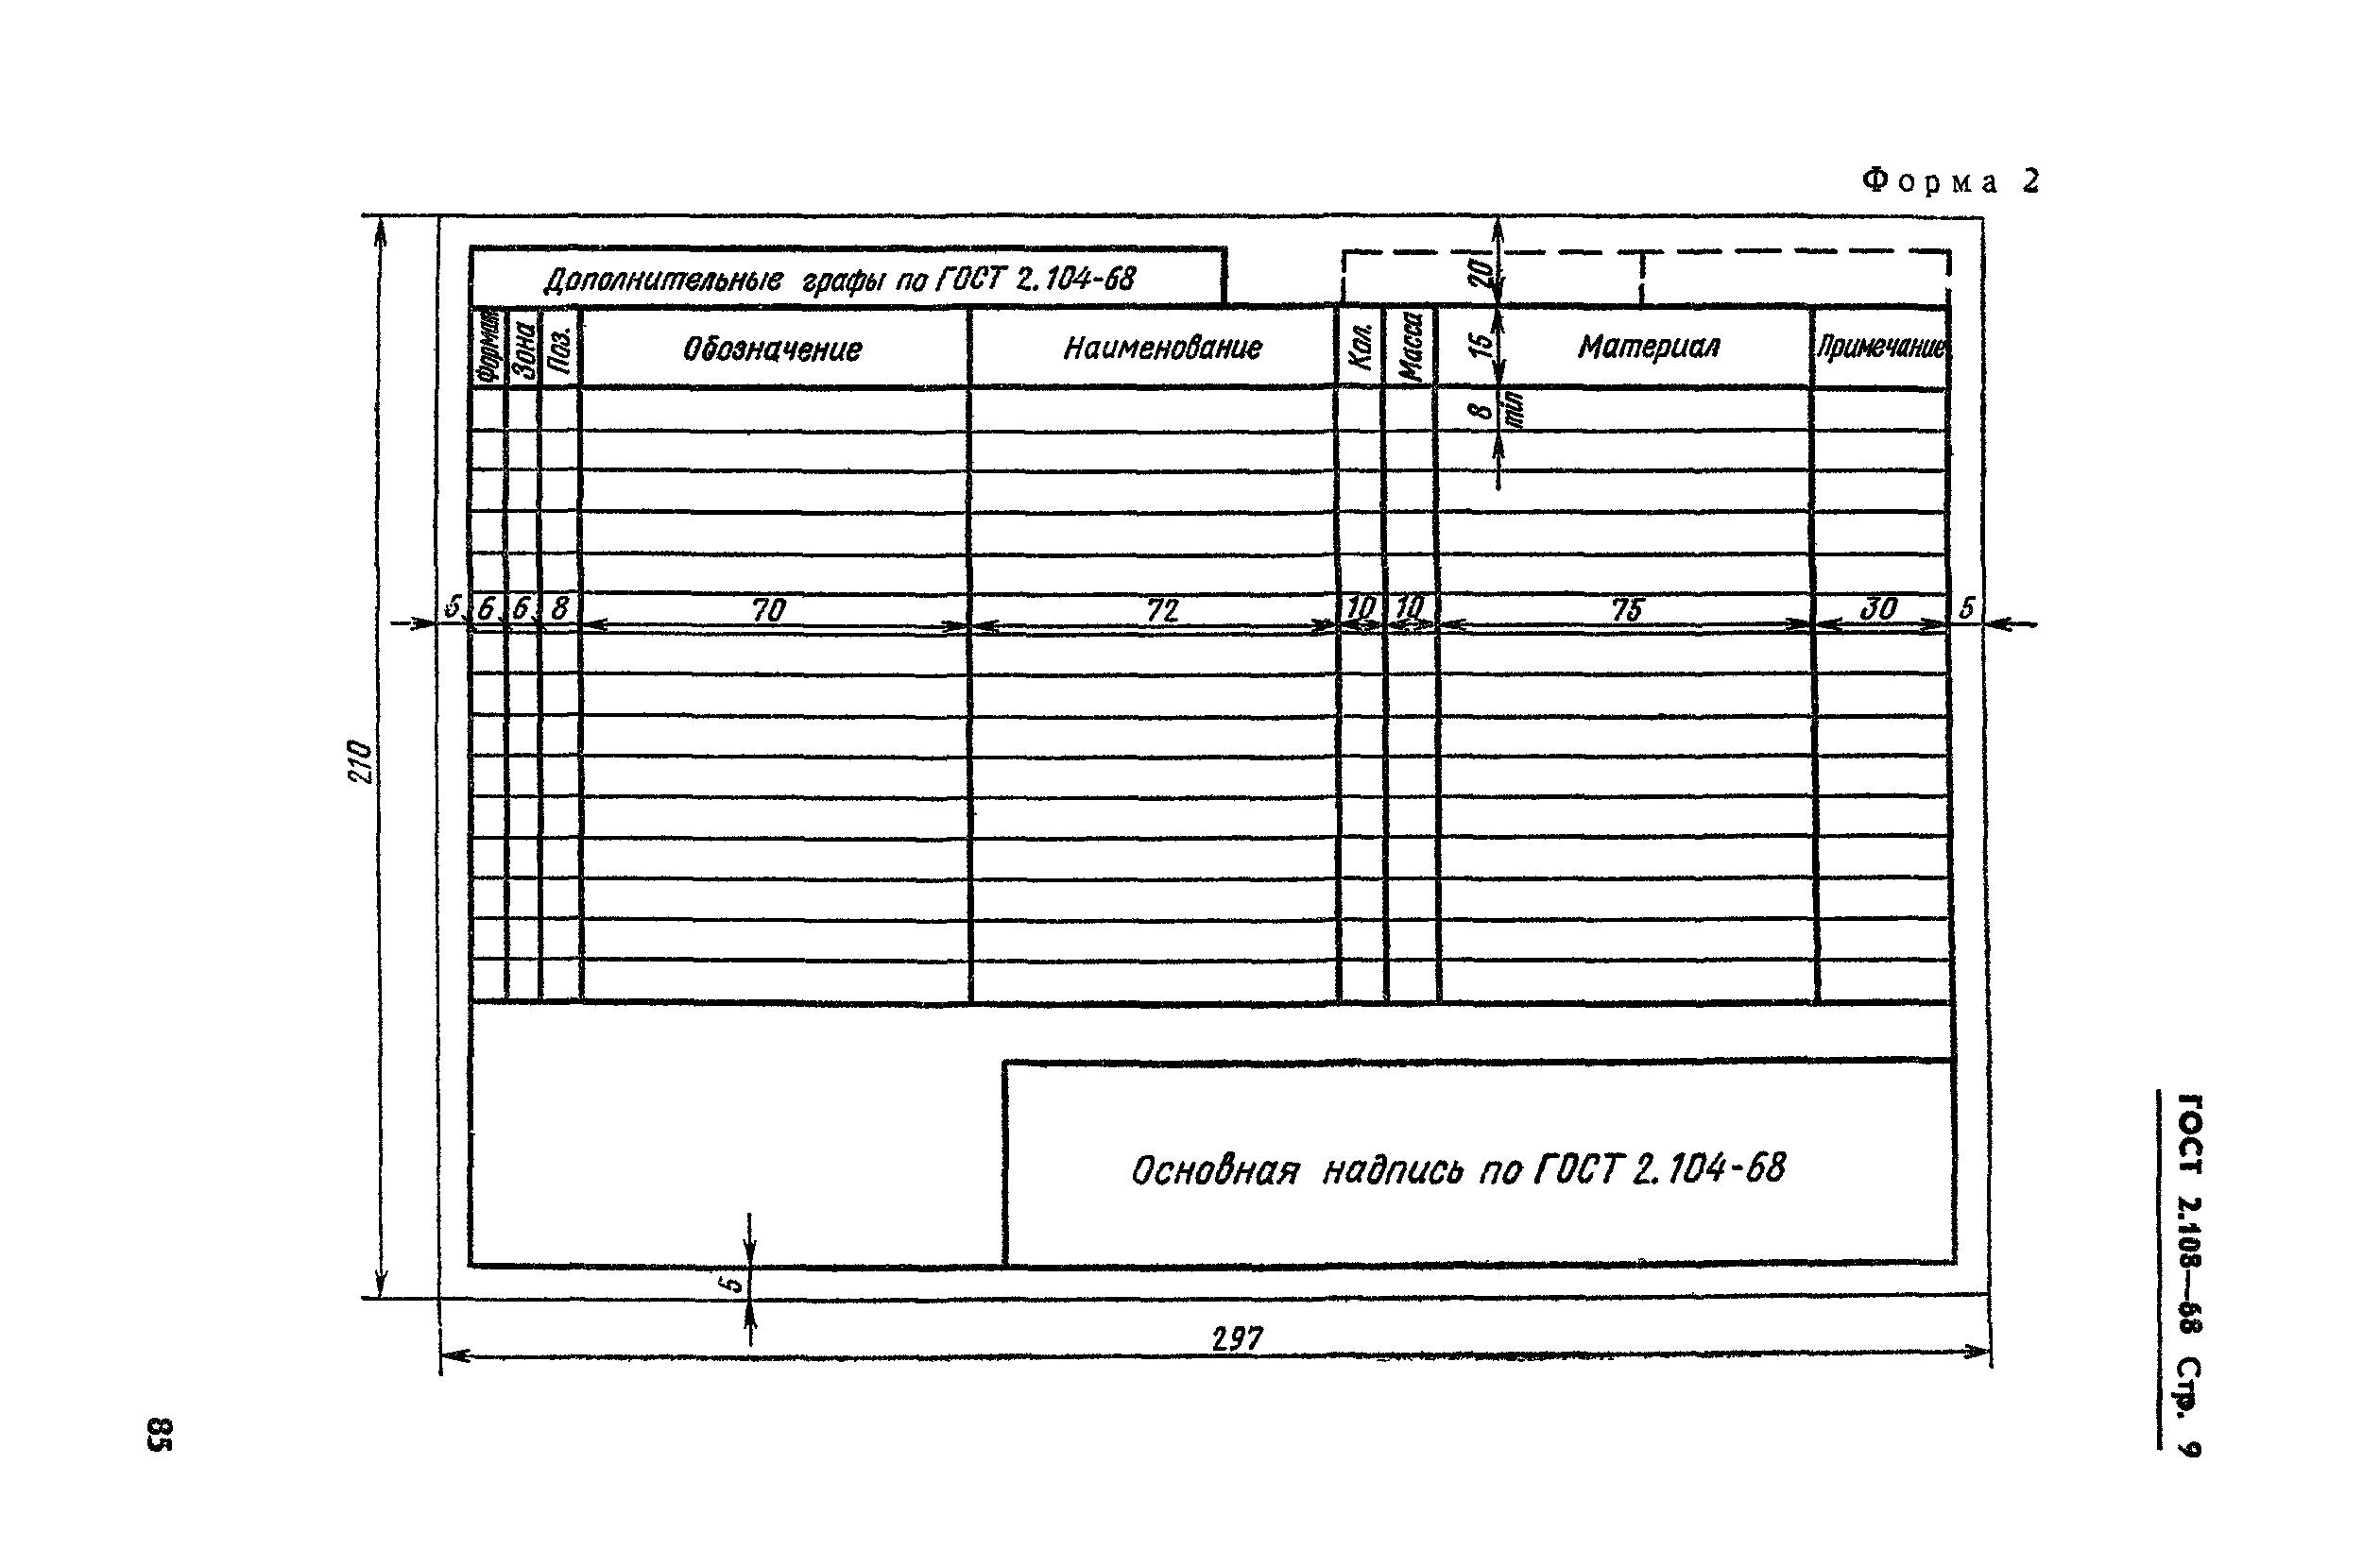 гост 2.108-68 ескд спецификация